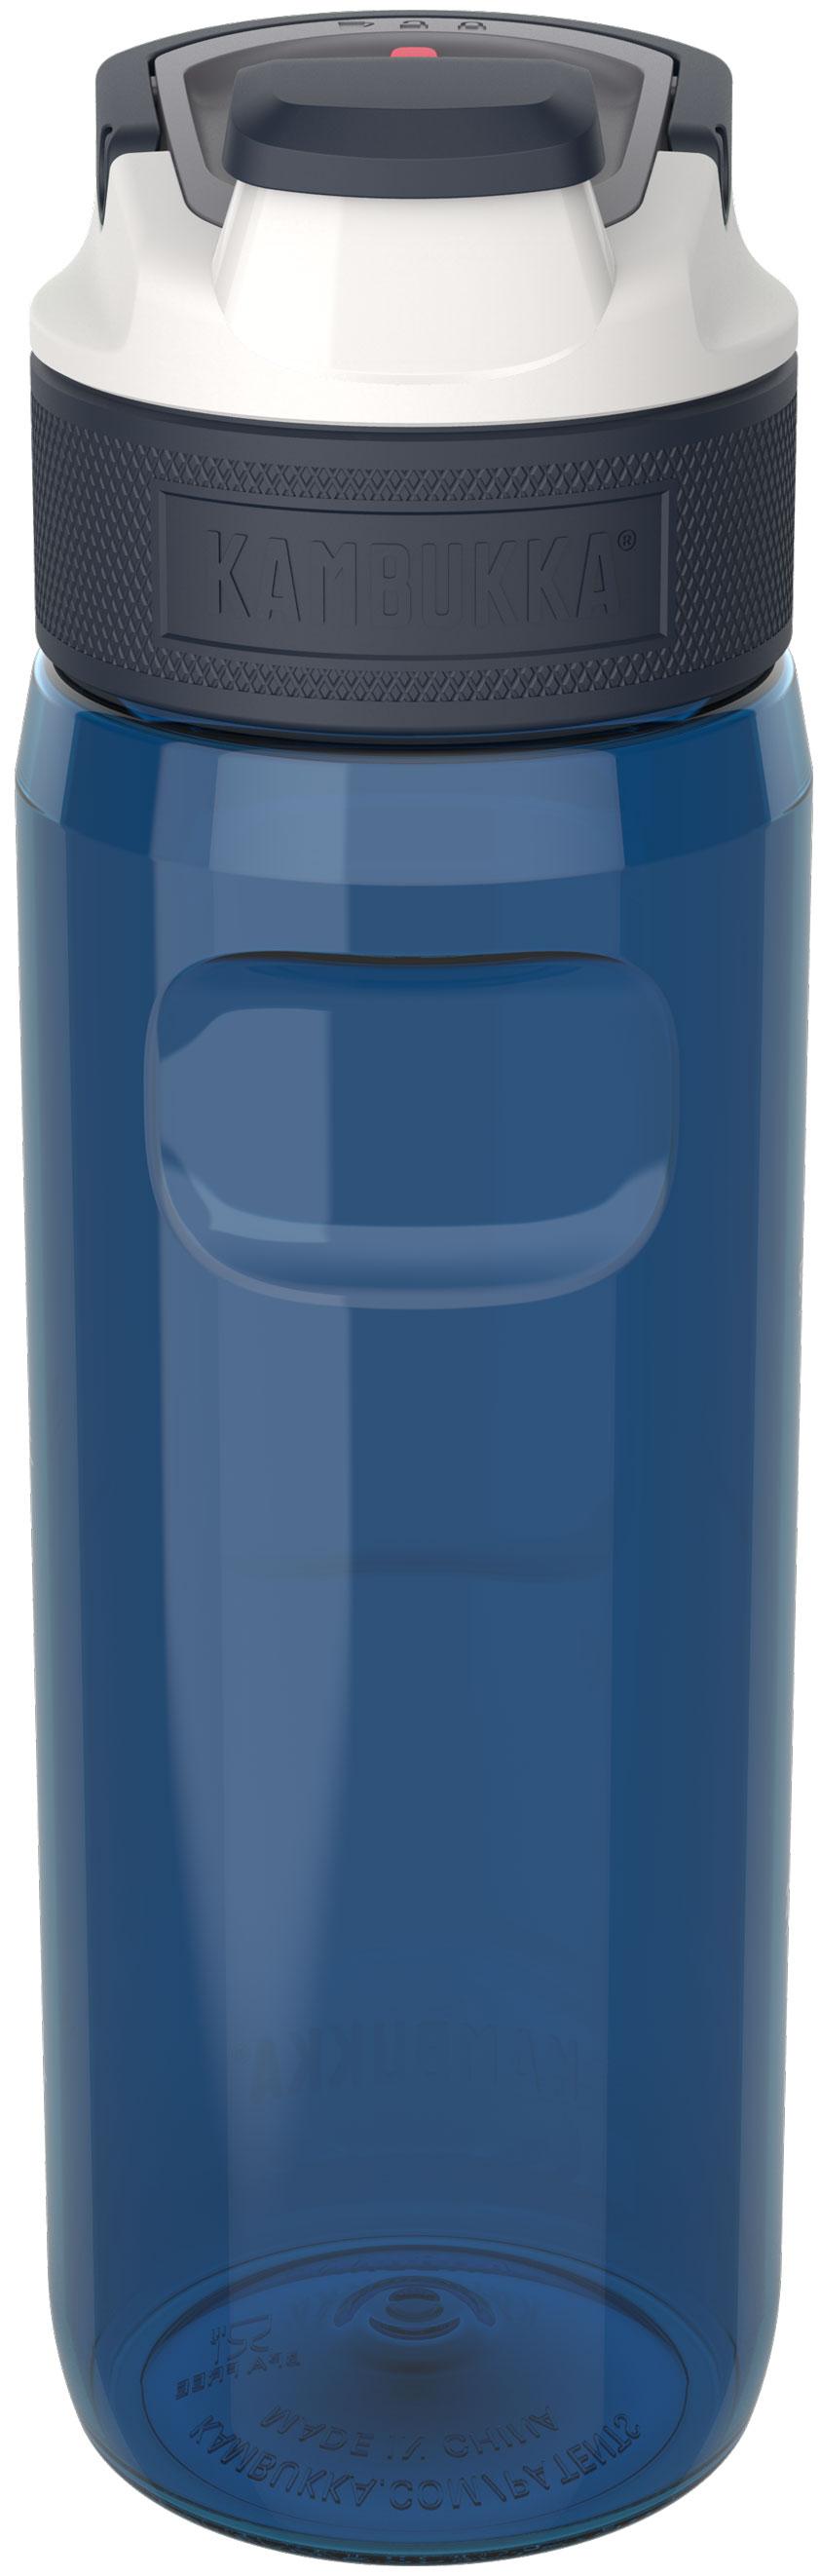 """בקבוק שתיה כחול 750 מ""""ל Kambukka Elton Midnight Blue קמבוקה"""